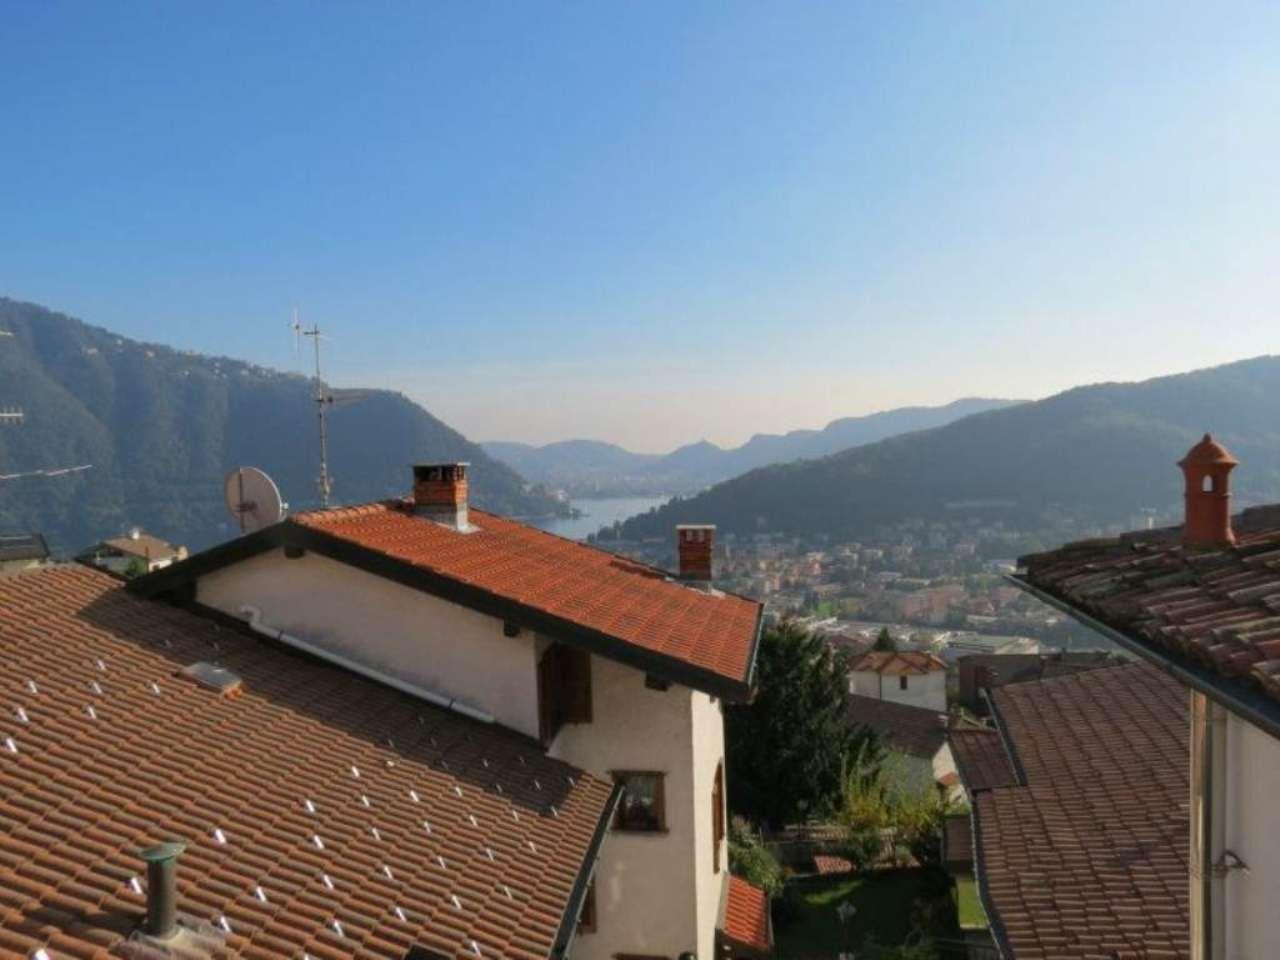 Appartamento in vendita a Cernobbio, 3 locali, prezzo € 120.000 | CambioCasa.it